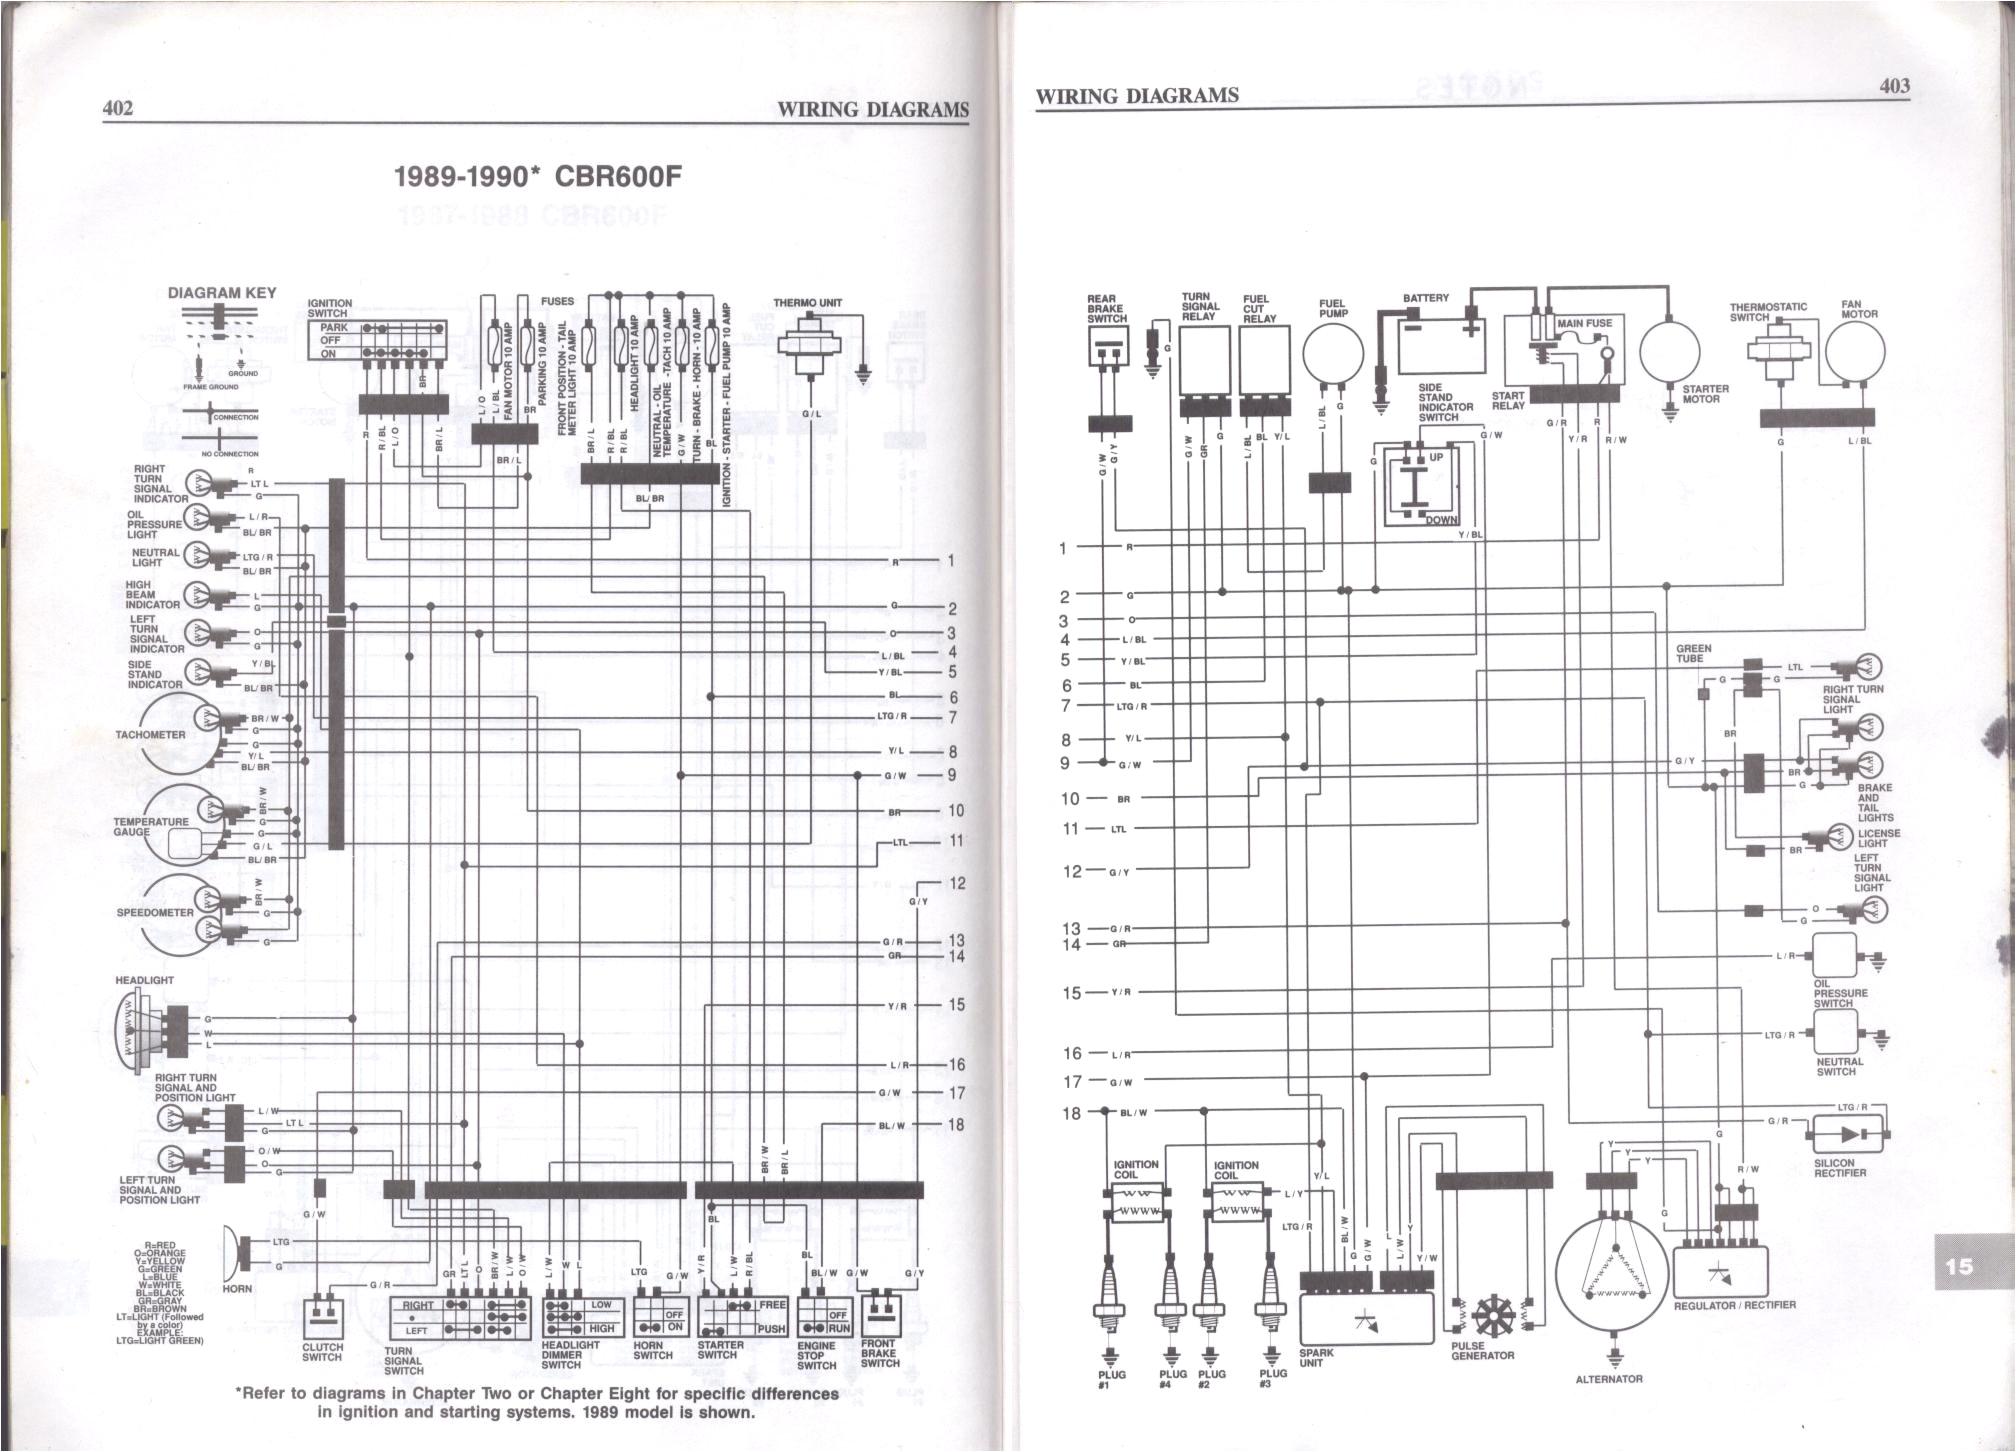 1981 Honda C70 Passport Wiring Diagram Honda C70 Wiring Diagram Images Auto Electrical Wiring Diagram